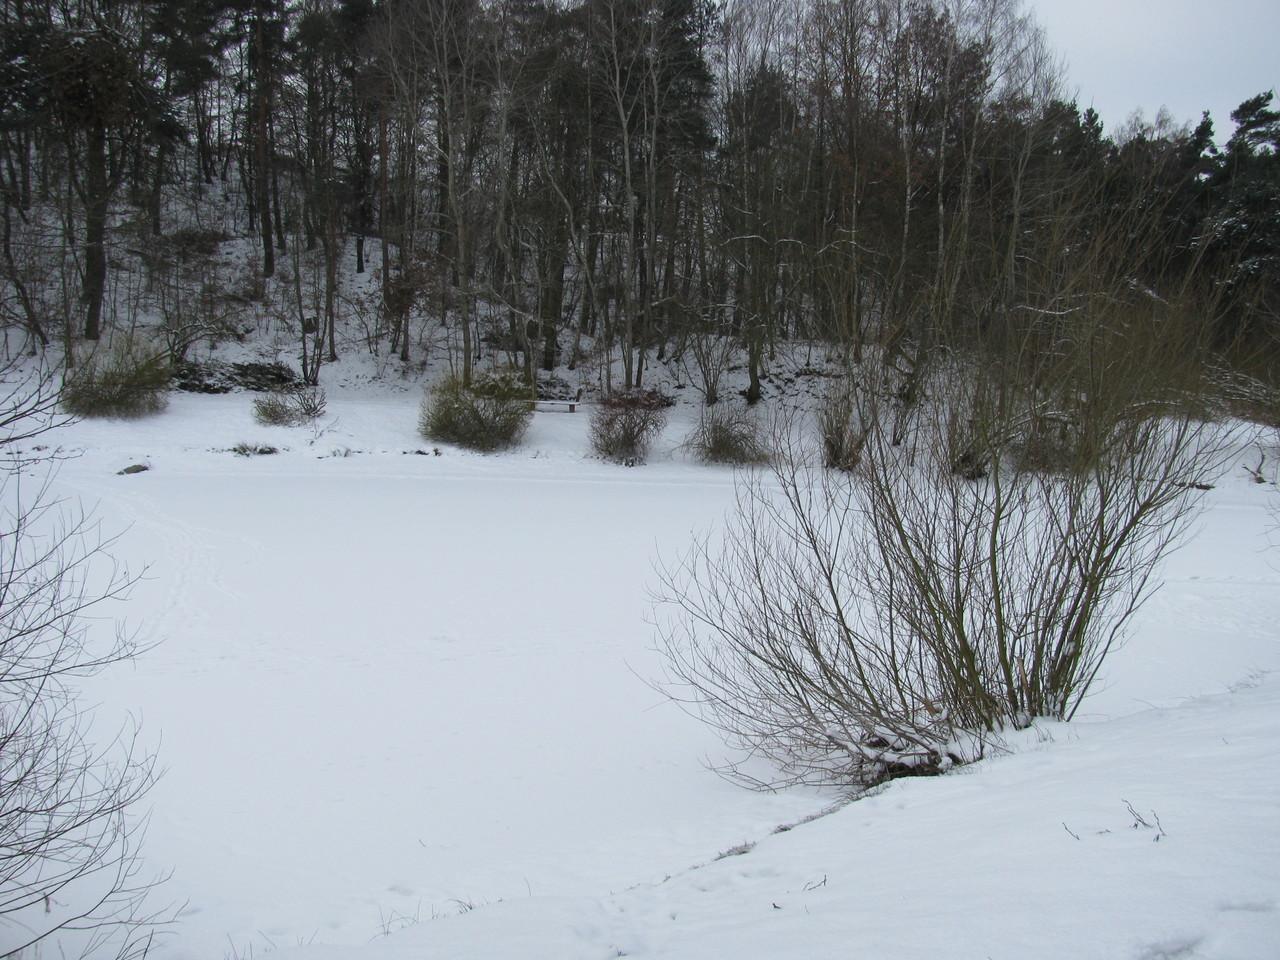 Winter am Stausee